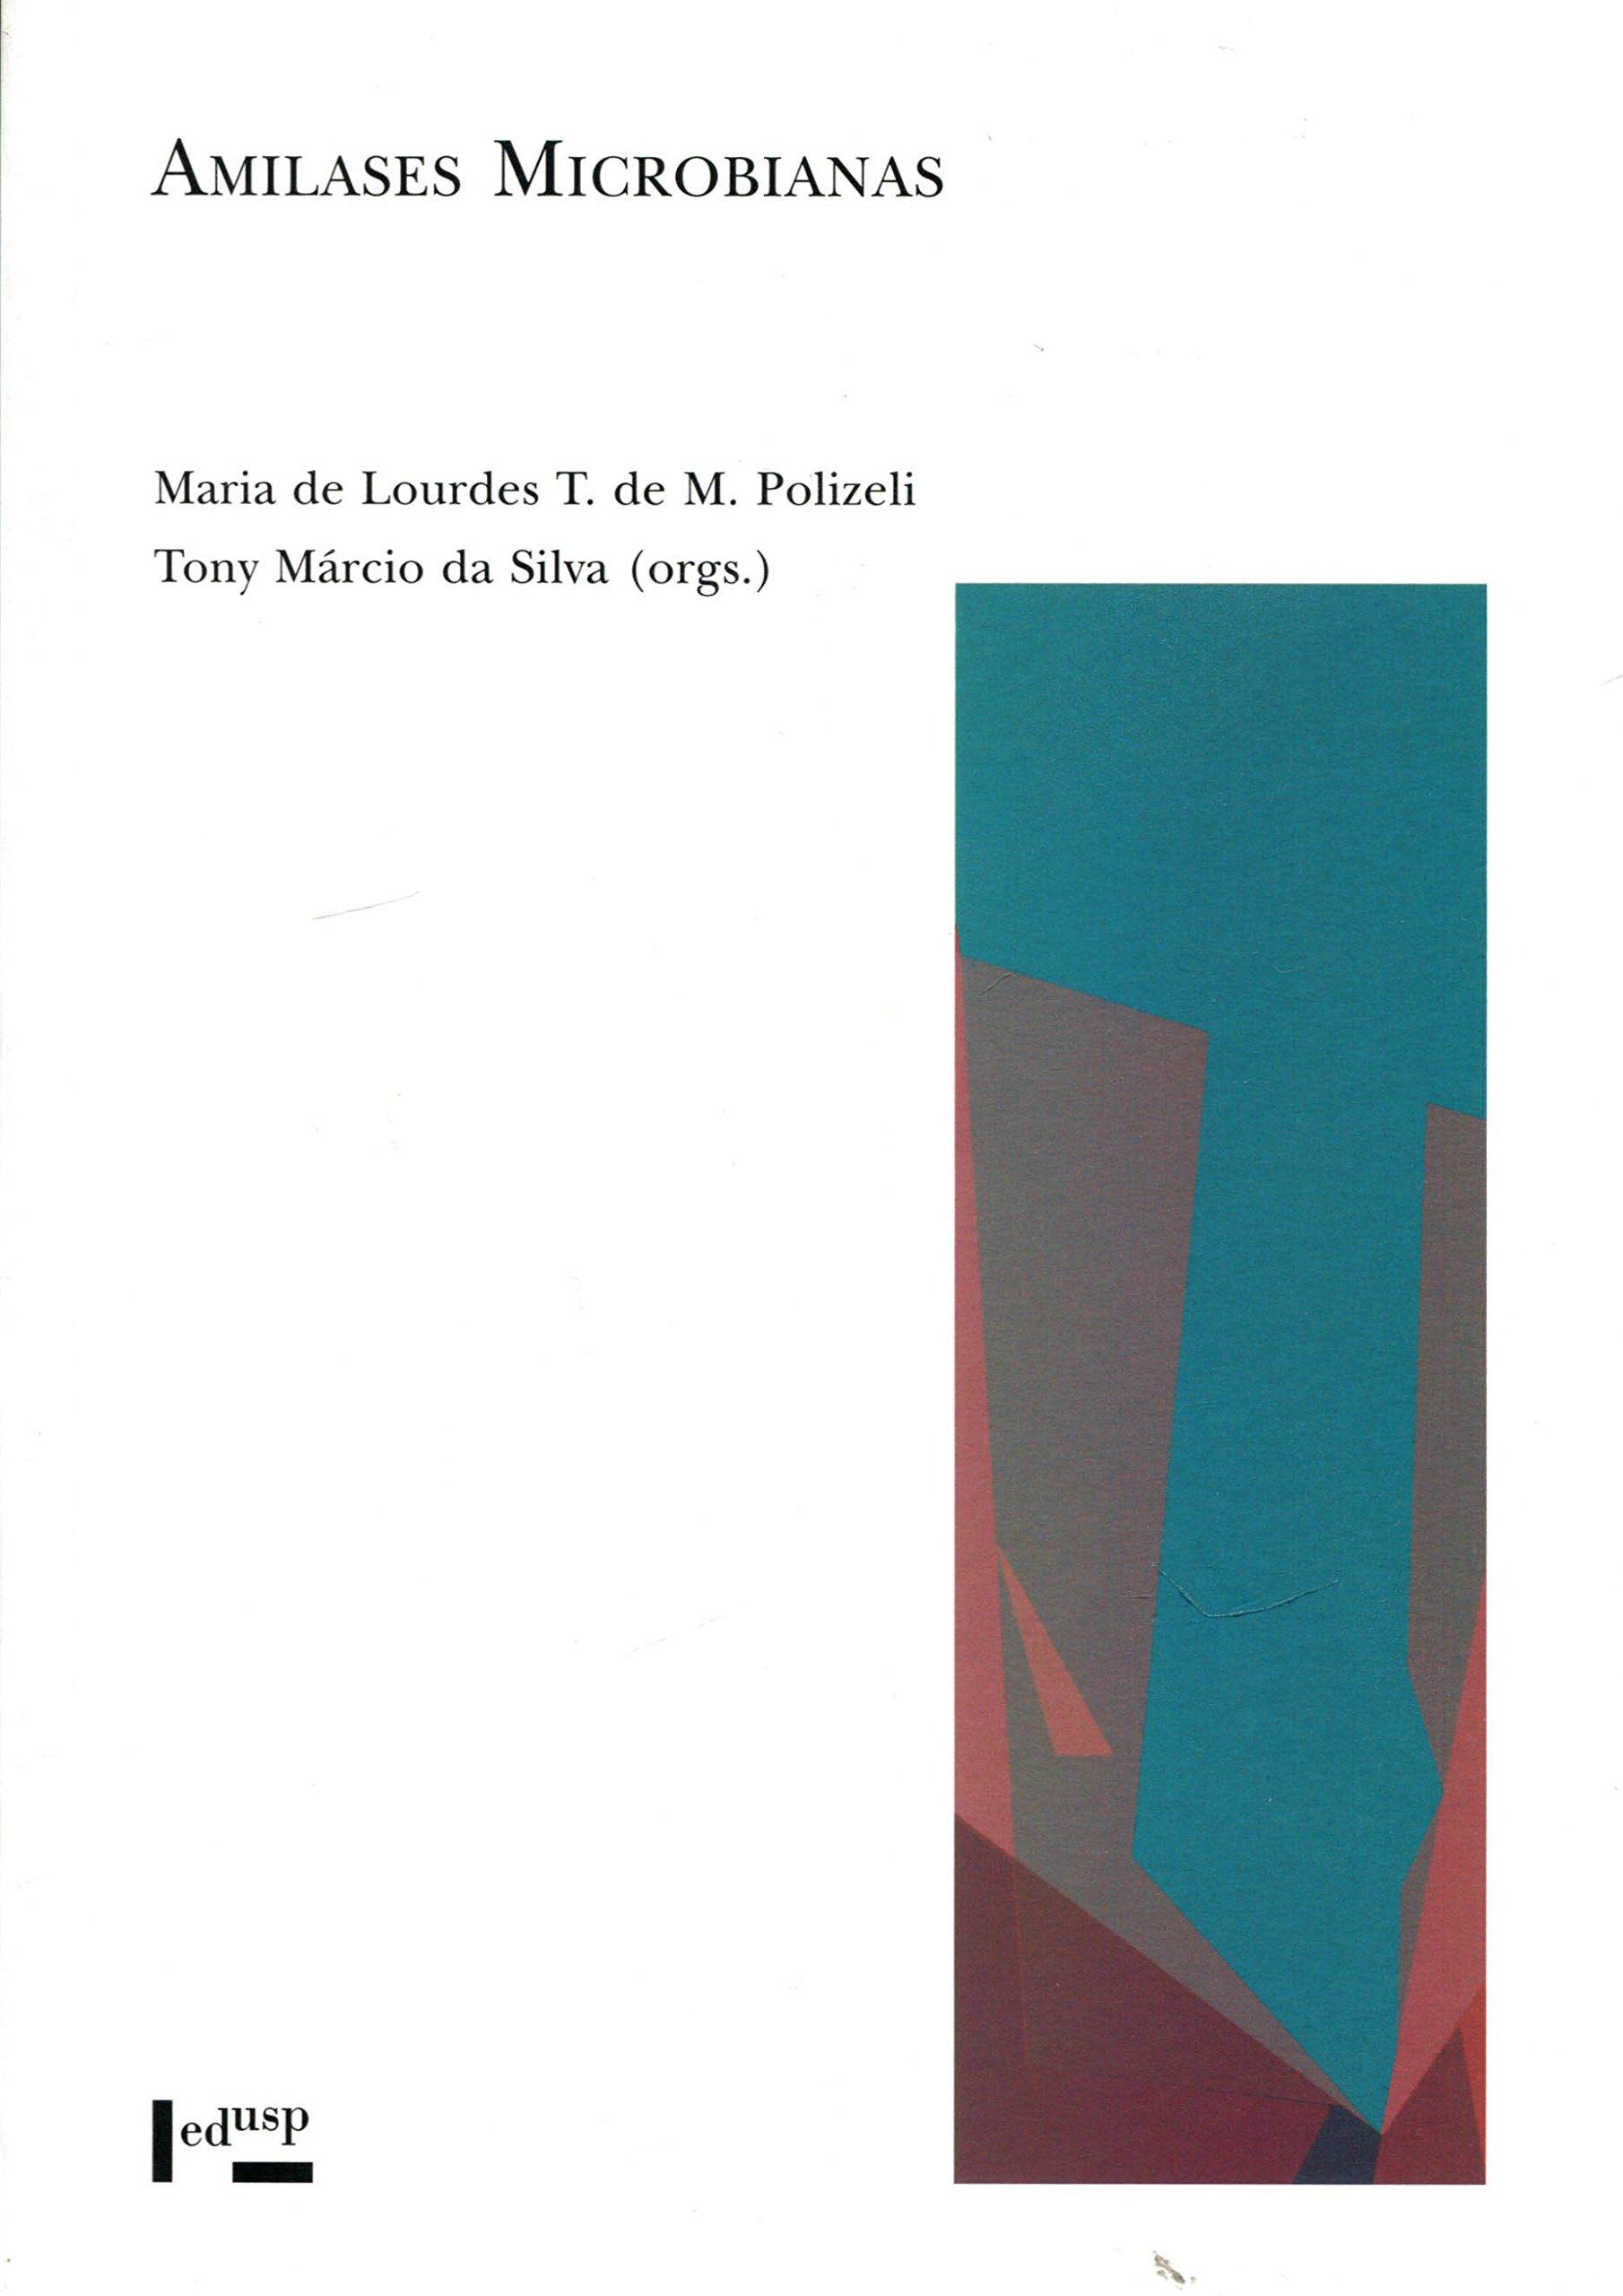 Amilases Microbianas: Amazon.es: Maria de Lourdes T. de M ...